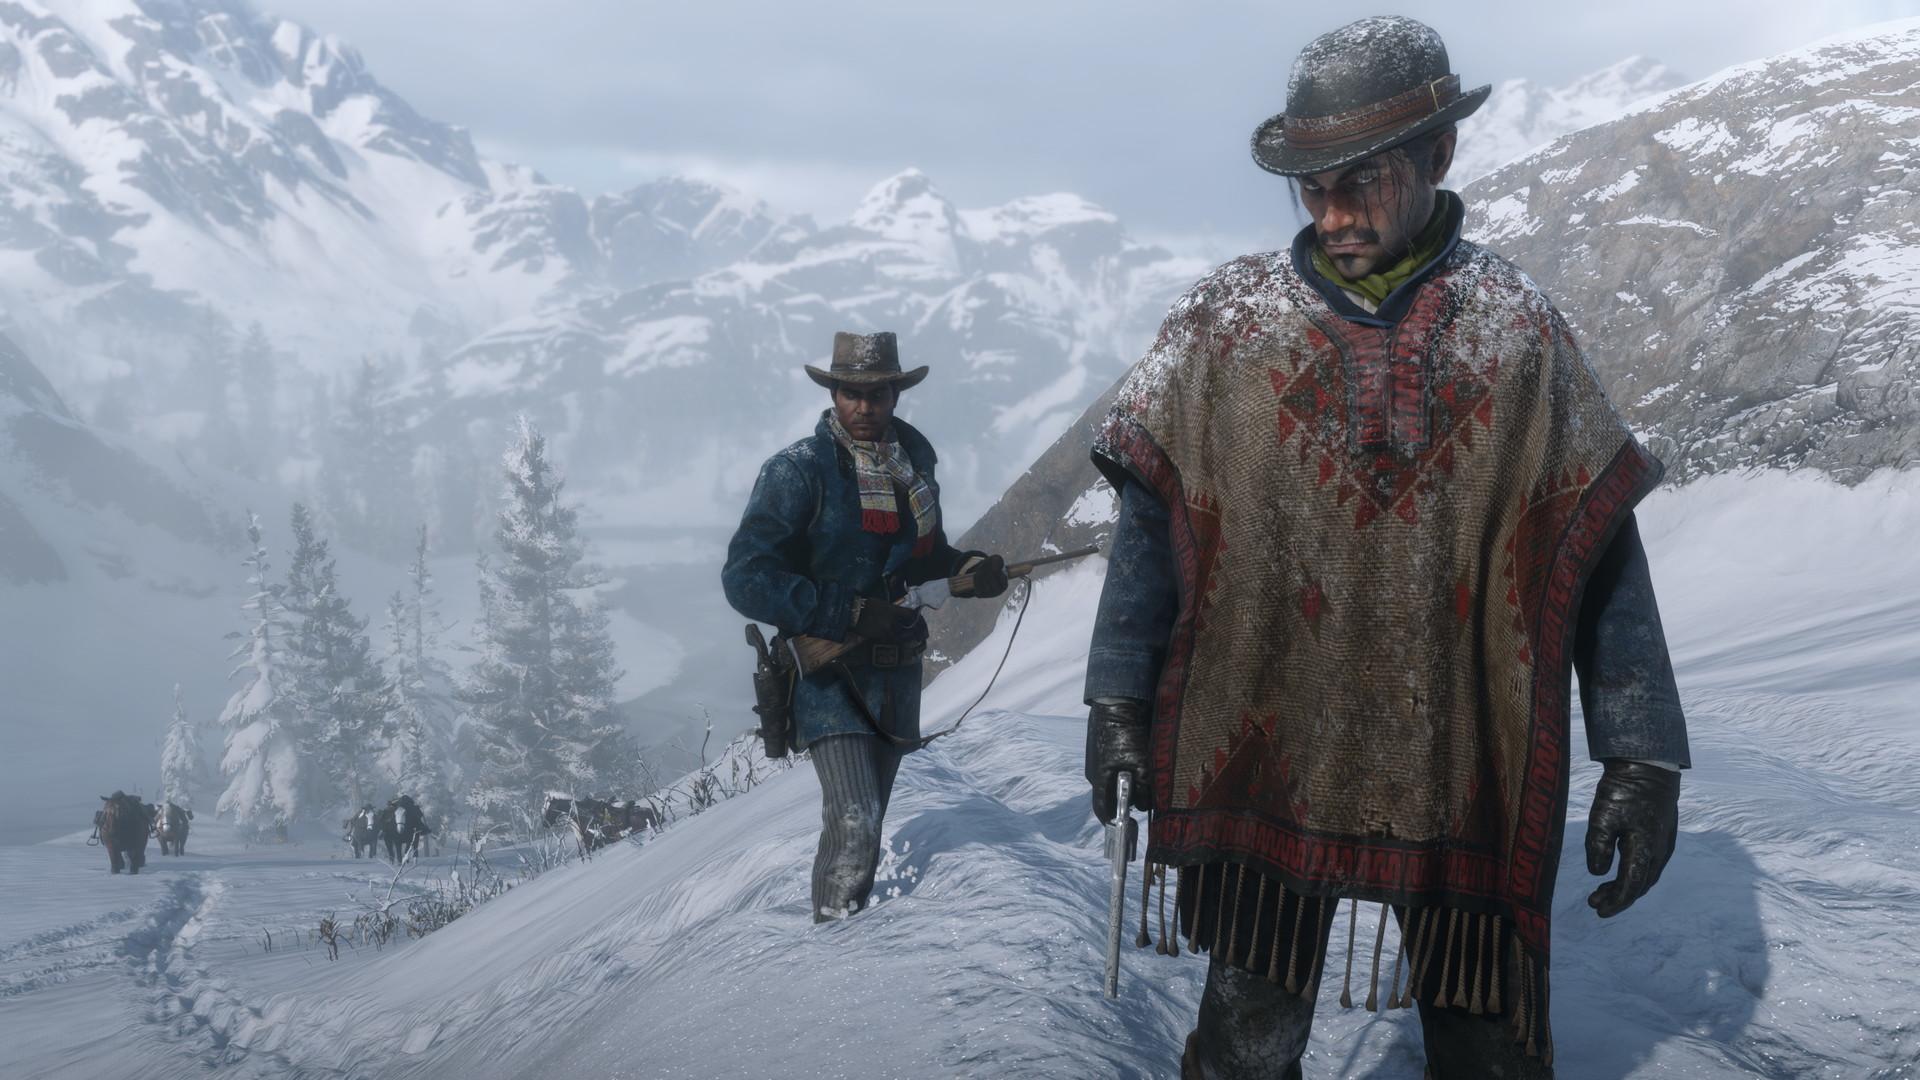 荒野大镖客2/Red Dead Redemption 2(全DLC终极版+更新修复崩溃补丁+送神秘小姐姐补丁)插图5